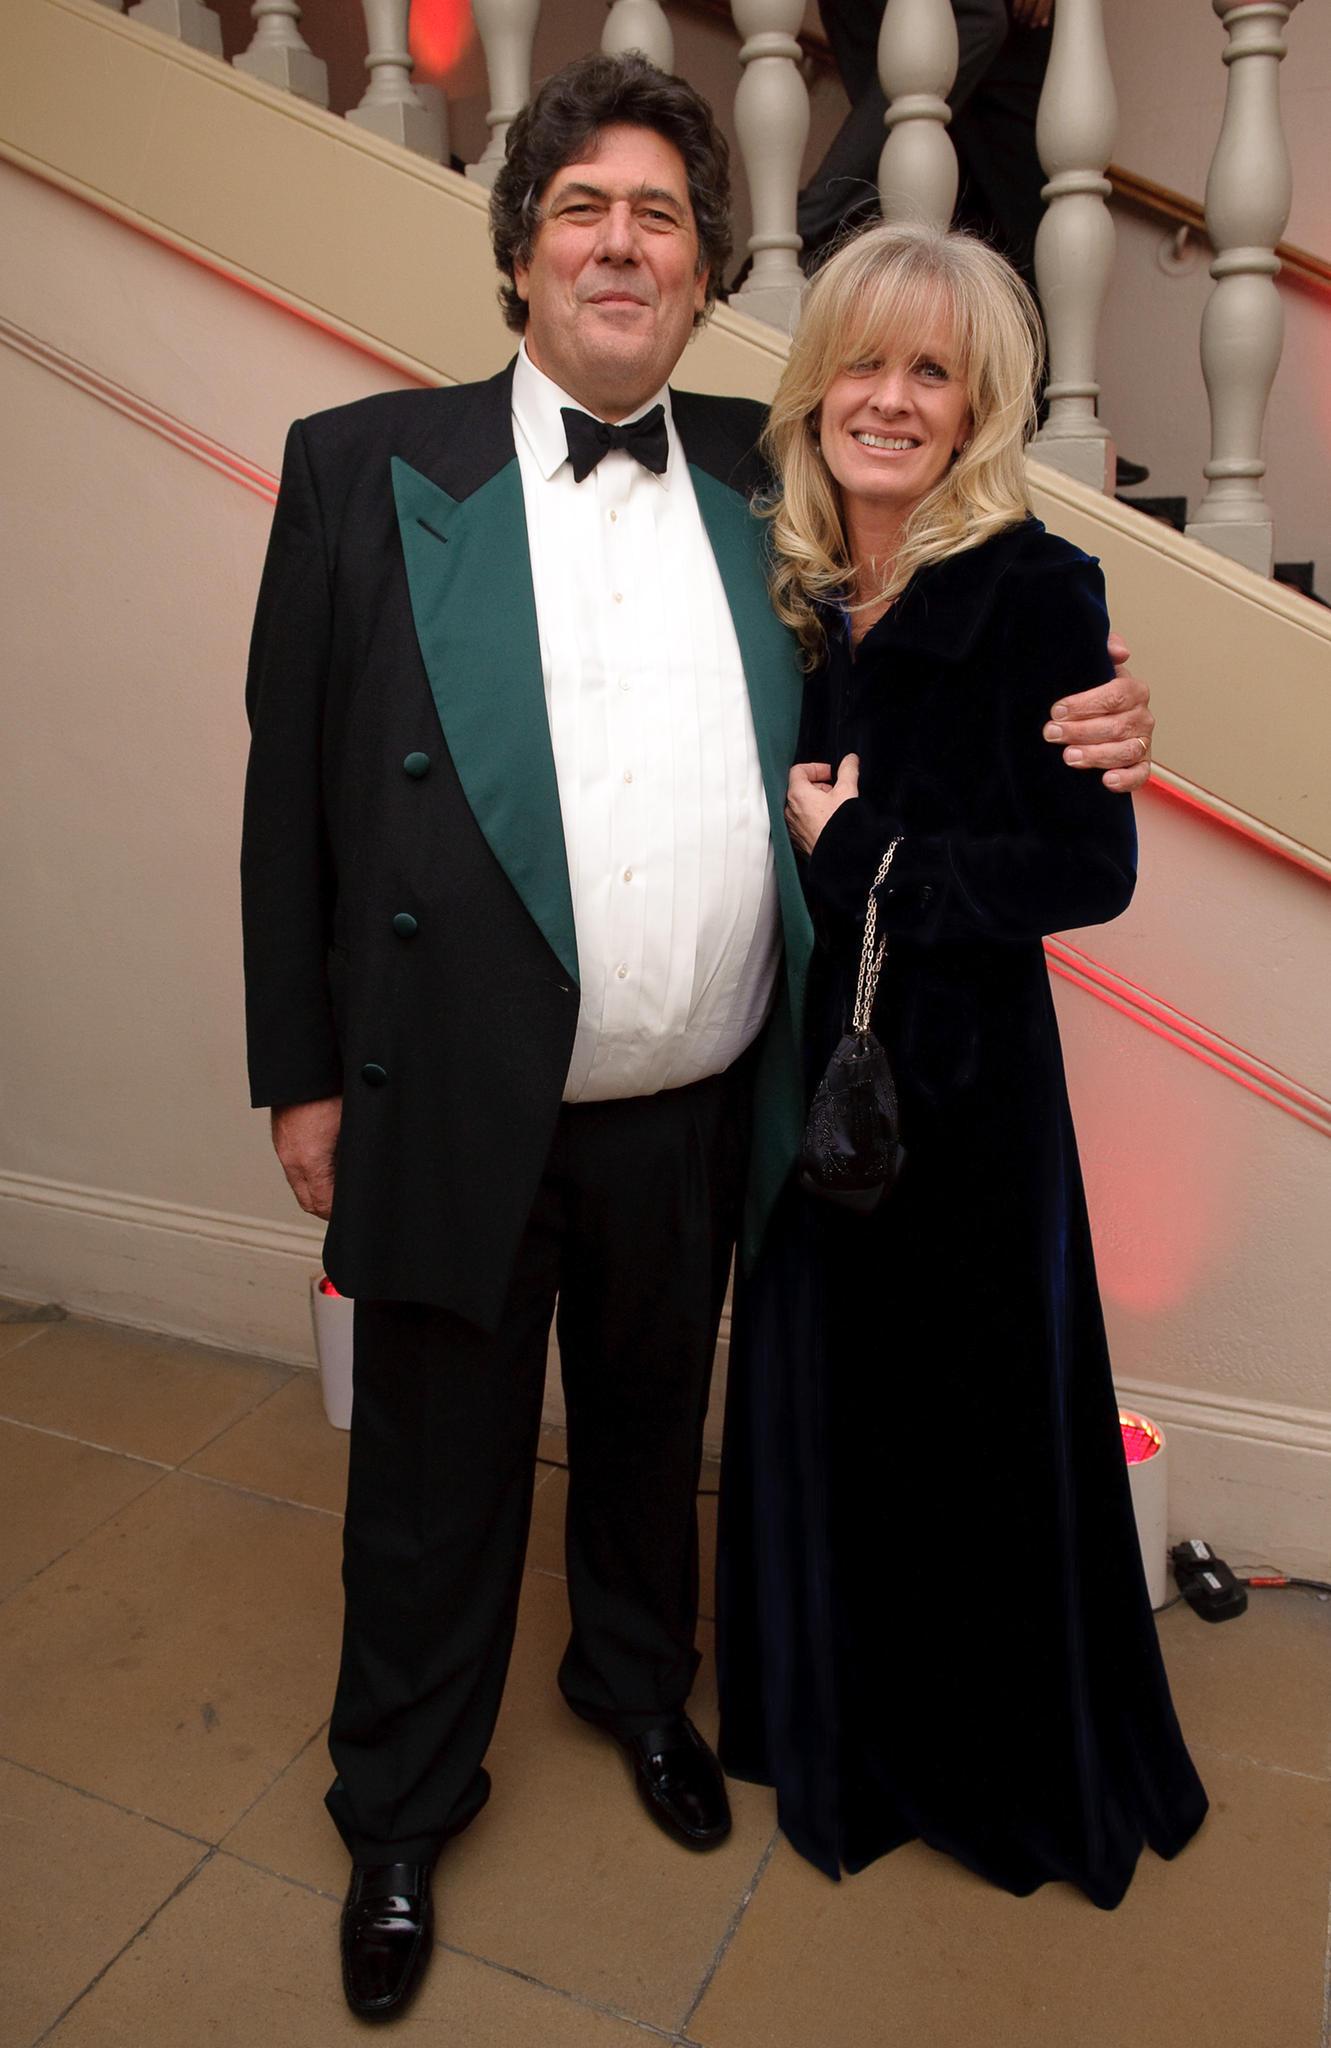 Tim Hoare und seine Ehefrau im November 2009 zu Gast bei derRoyal Rajasthan Charity Gala.